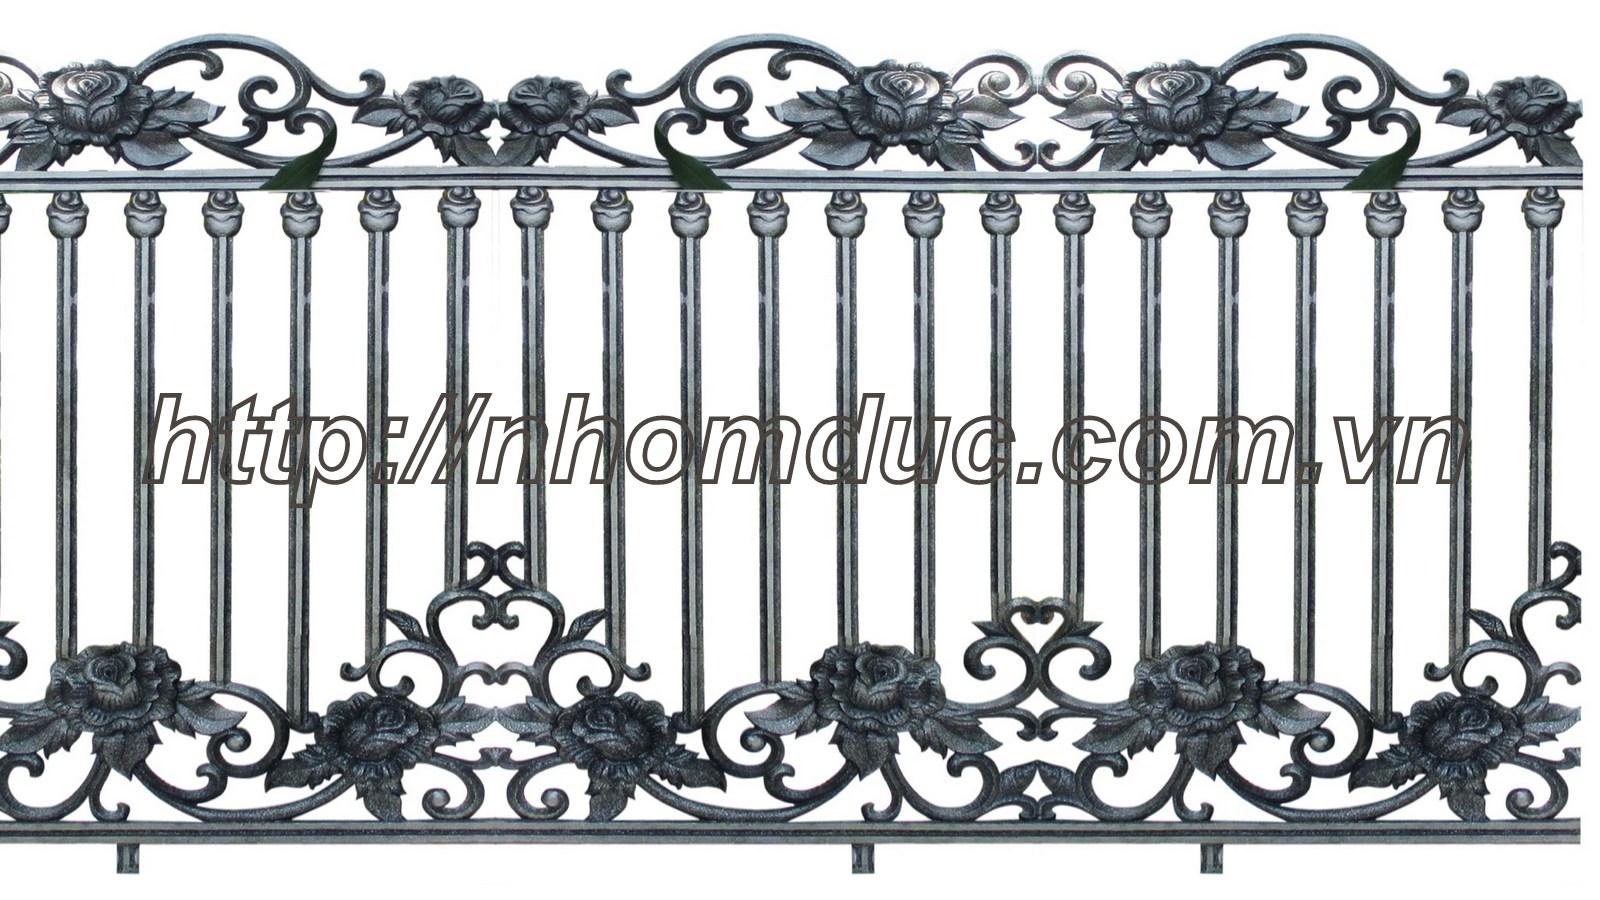 Báo giá loại hàng rào theo các mẫu loại này và các mẫu tương tự giá từ 4300000VNĐ/m đến 5000000VNĐ/m. Giá có thể thay đổi tùy từng mẫu